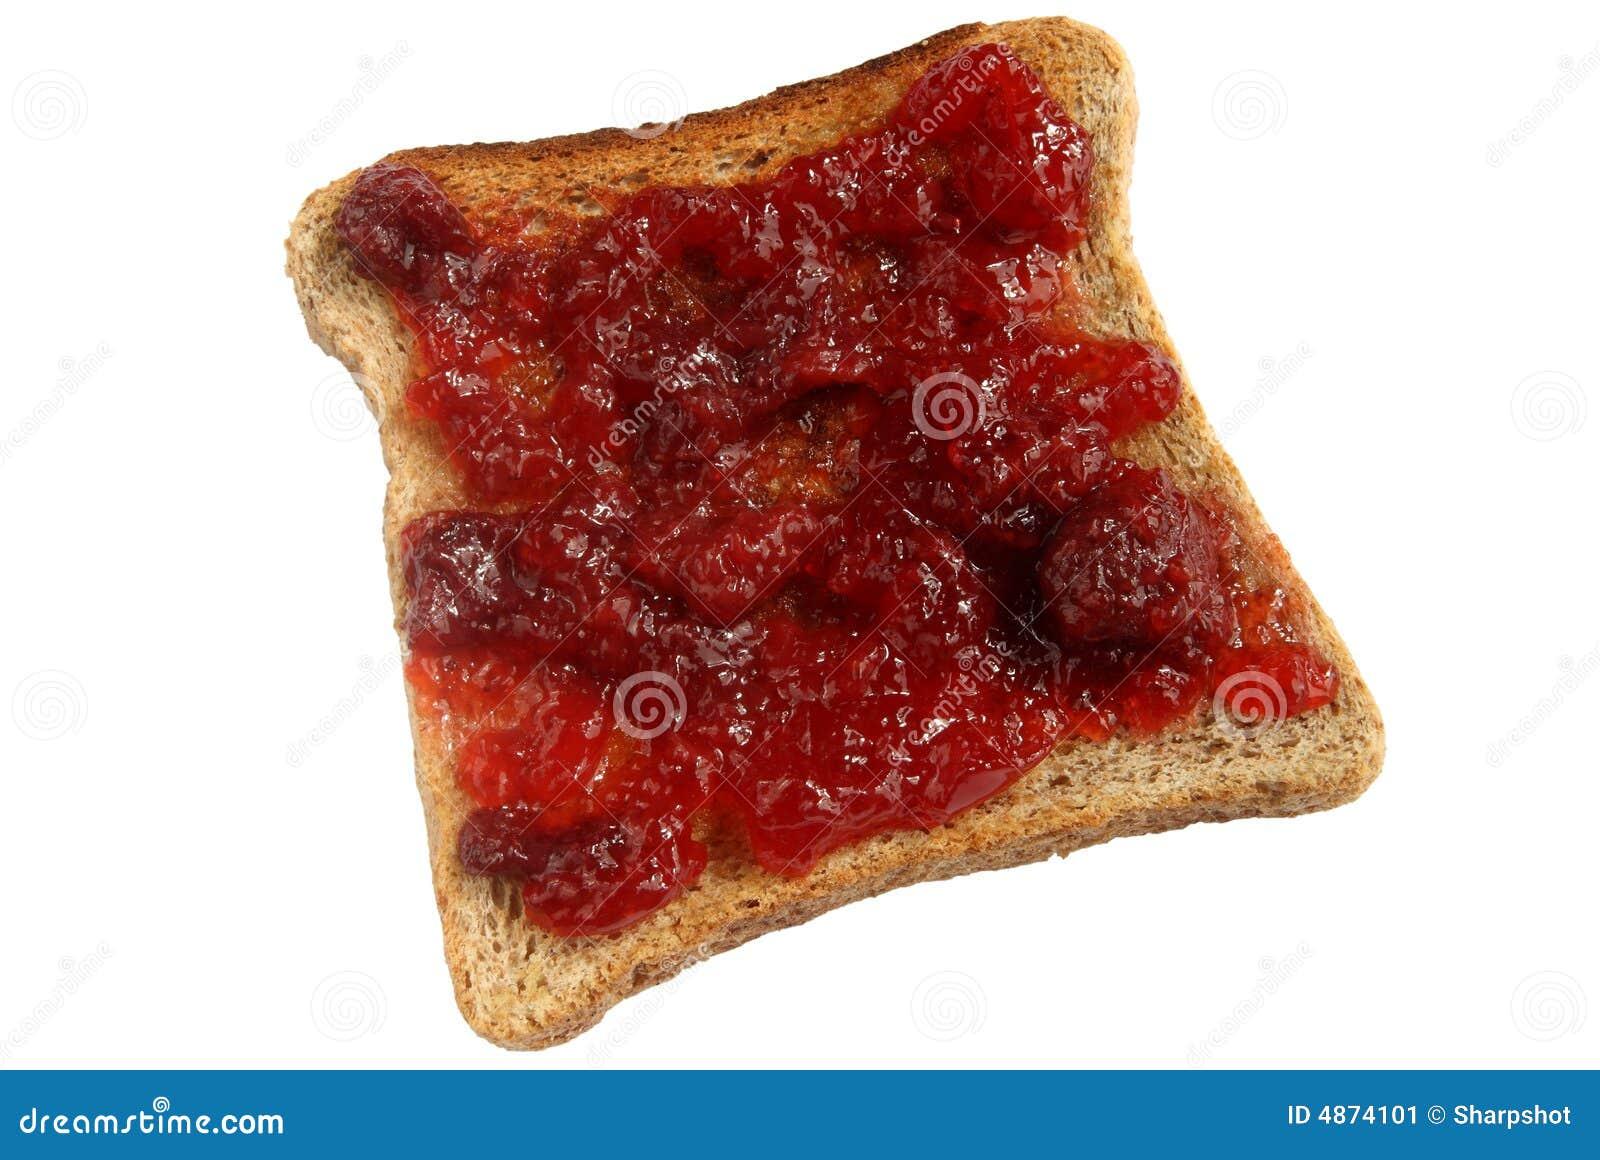 Ostruzione di fragola spanta su pane tostato.